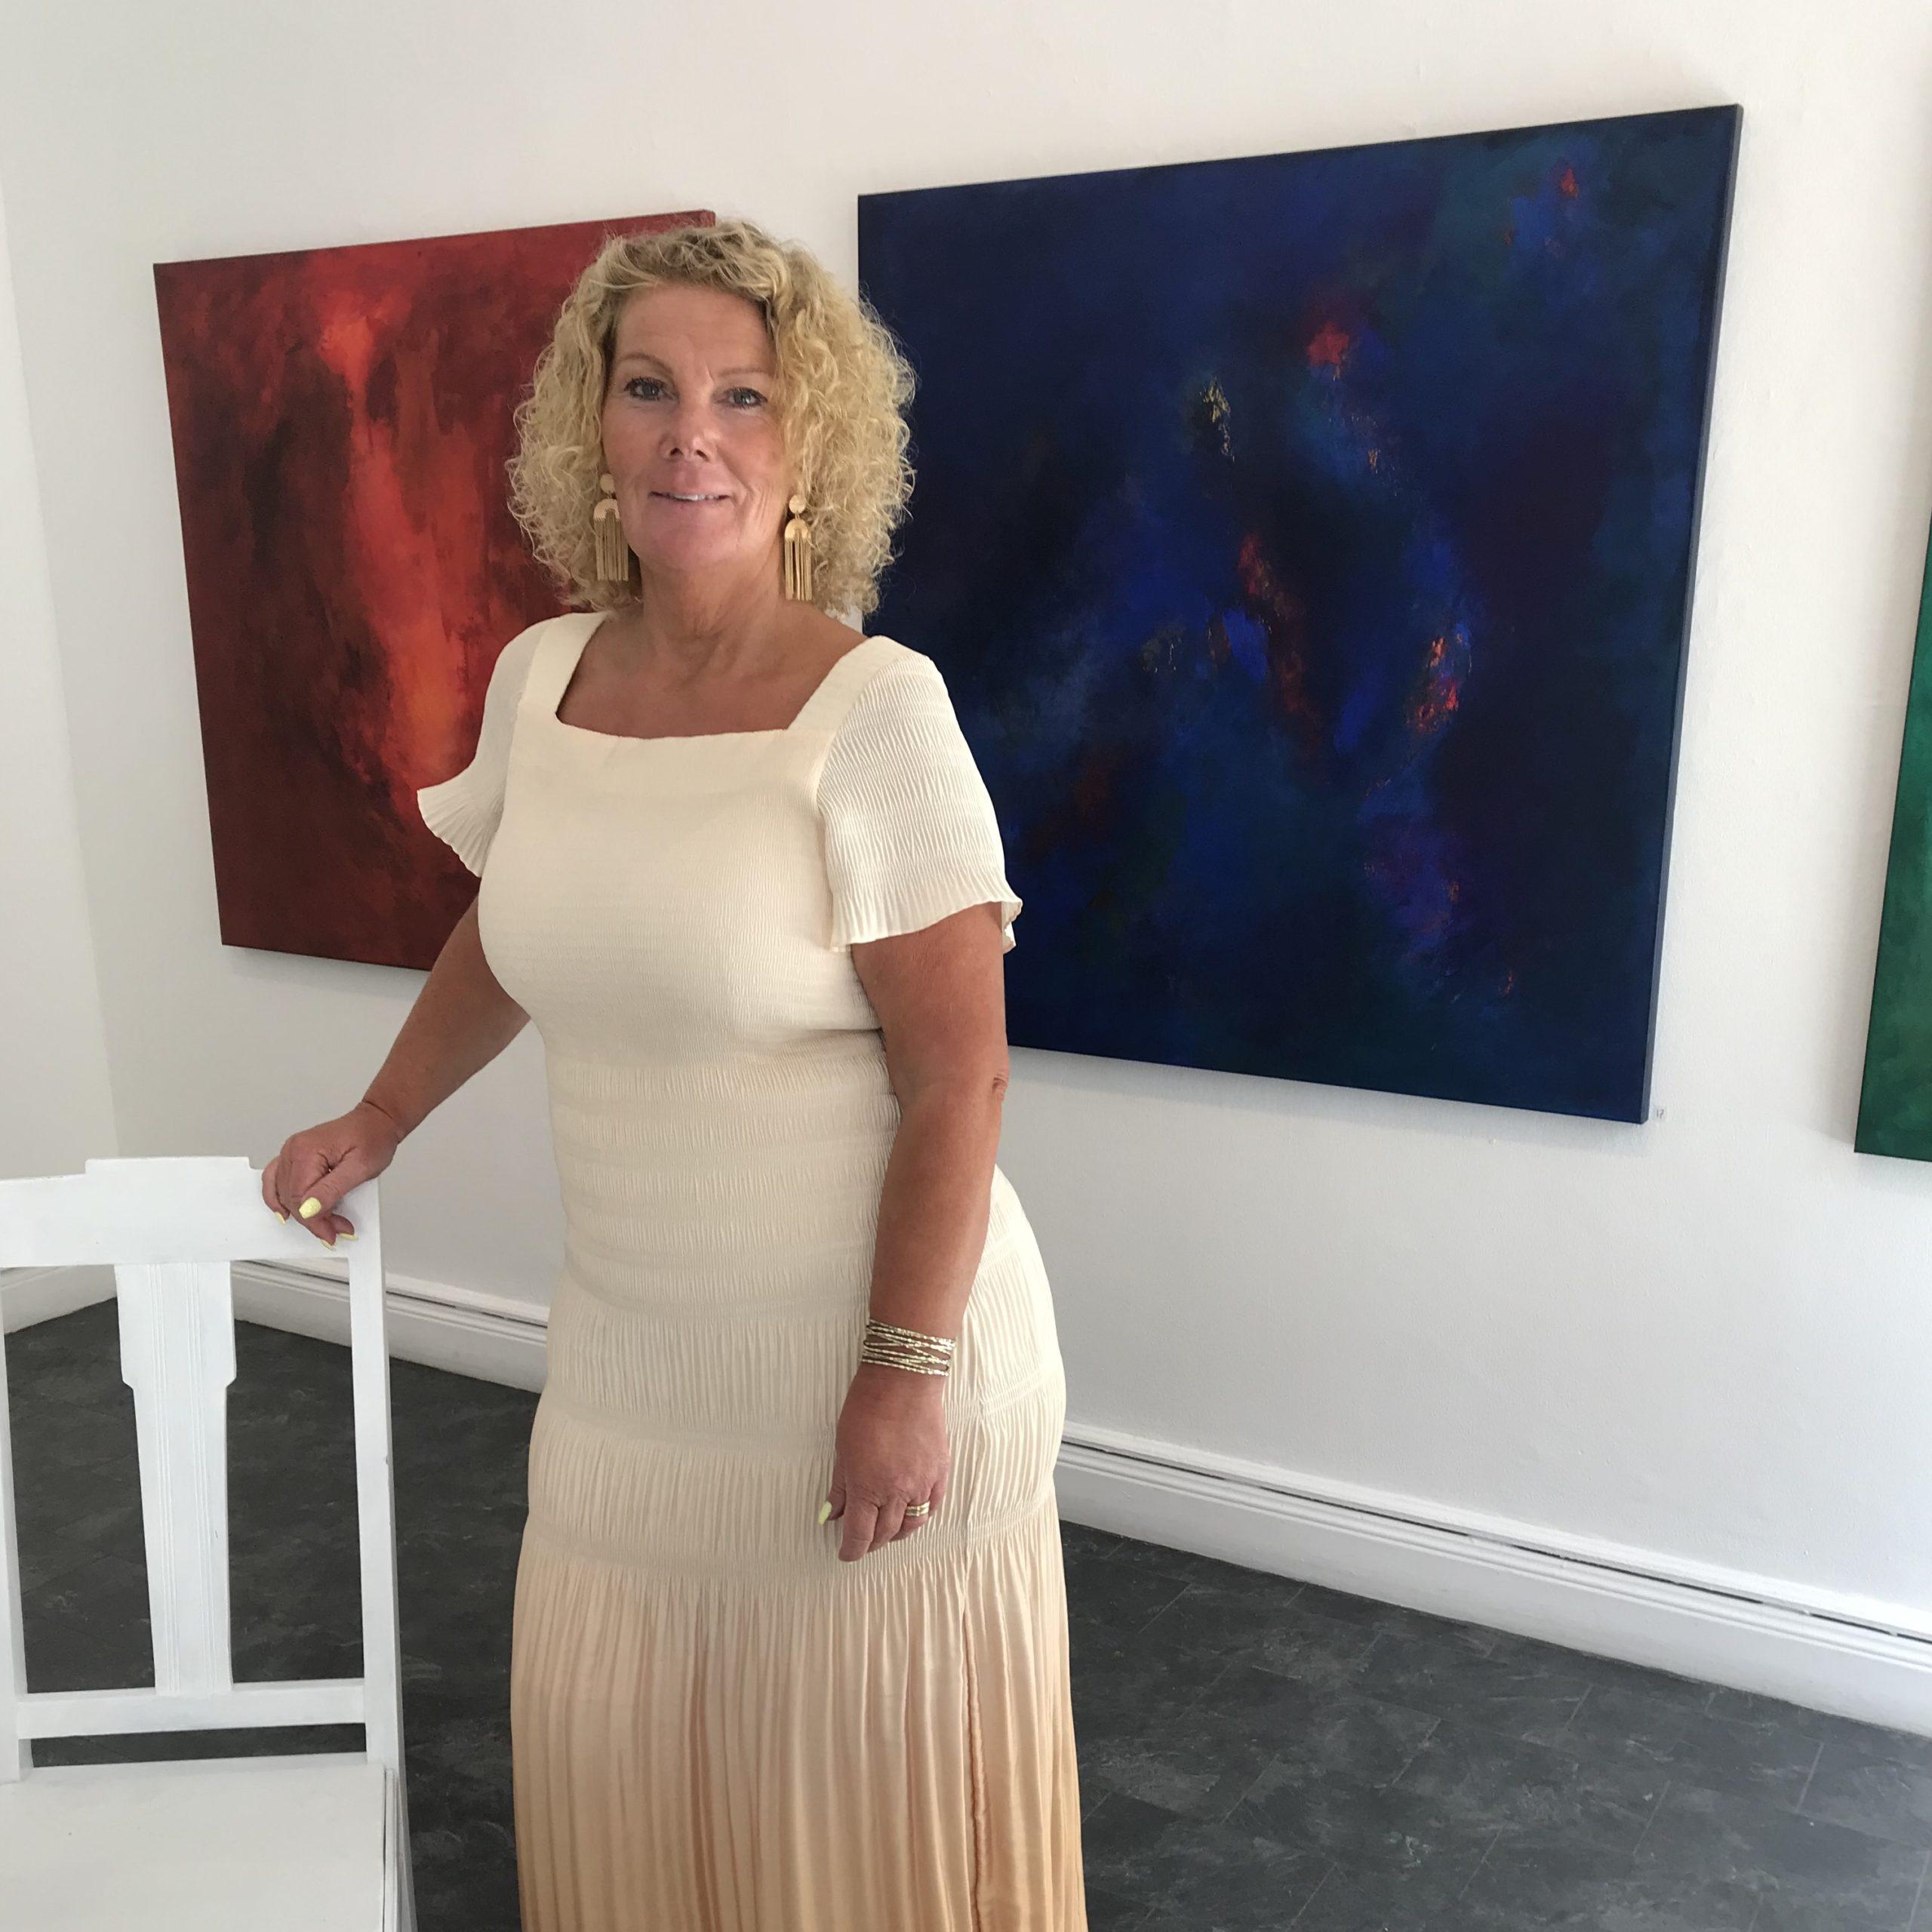 Ewa Kinnunen står i sitt galleri iklädd beigevit lång klänning och har ljust långt lockigt hår. Bakom syns två tavlor, en blå och en röd.